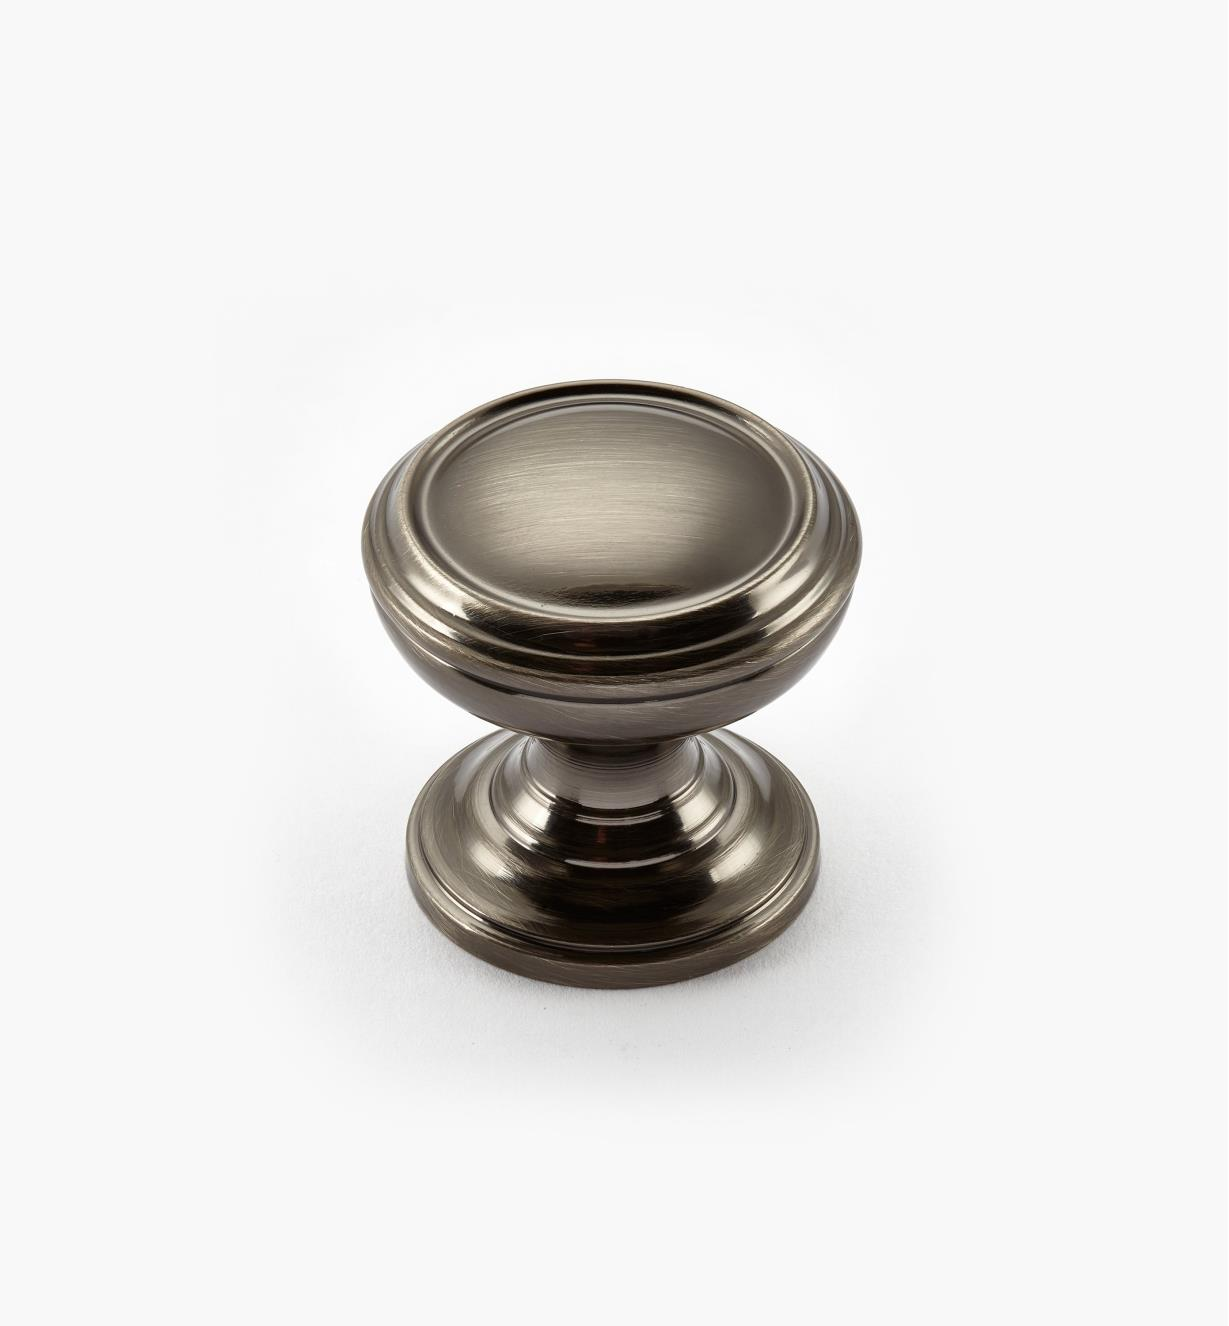 02A2232 - Bouton annelé Revitalize, 11/4po, bronze à canon, l'unité